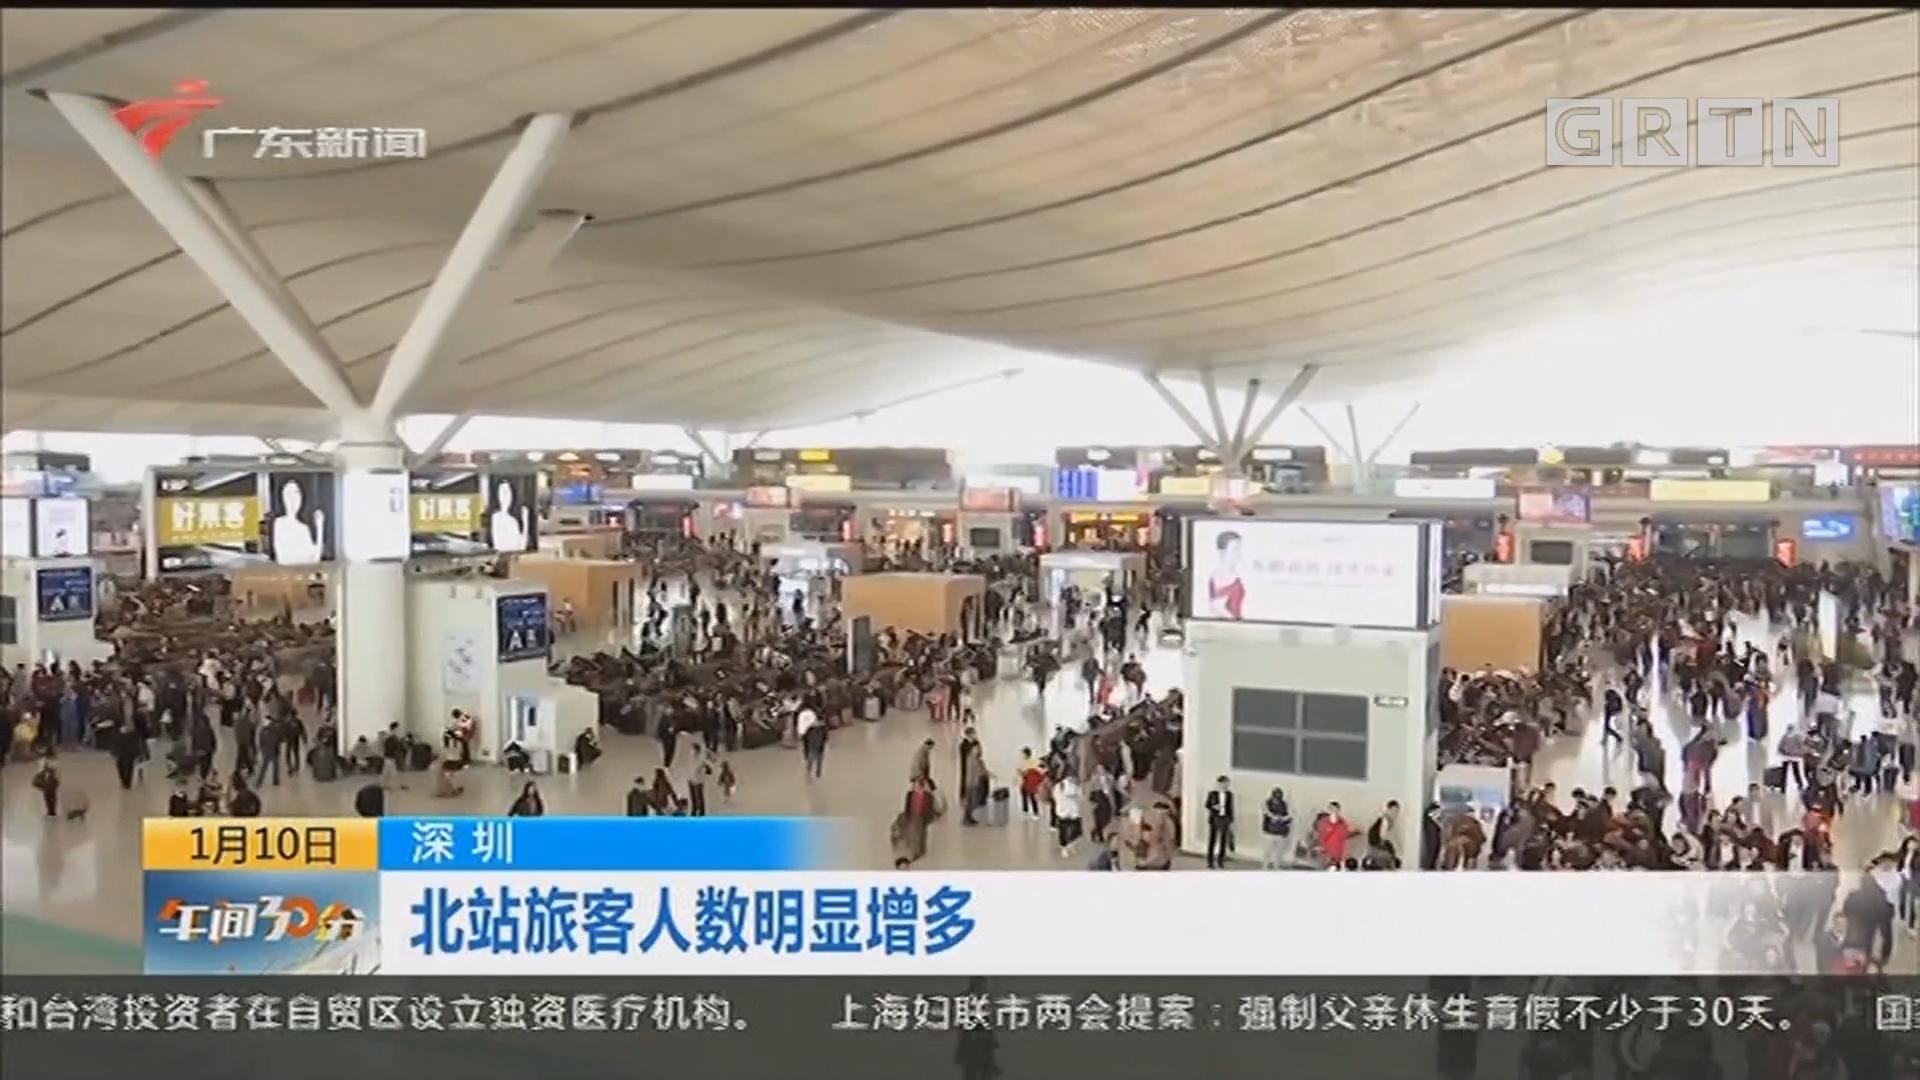 深圳:北站旅客人数明显增多